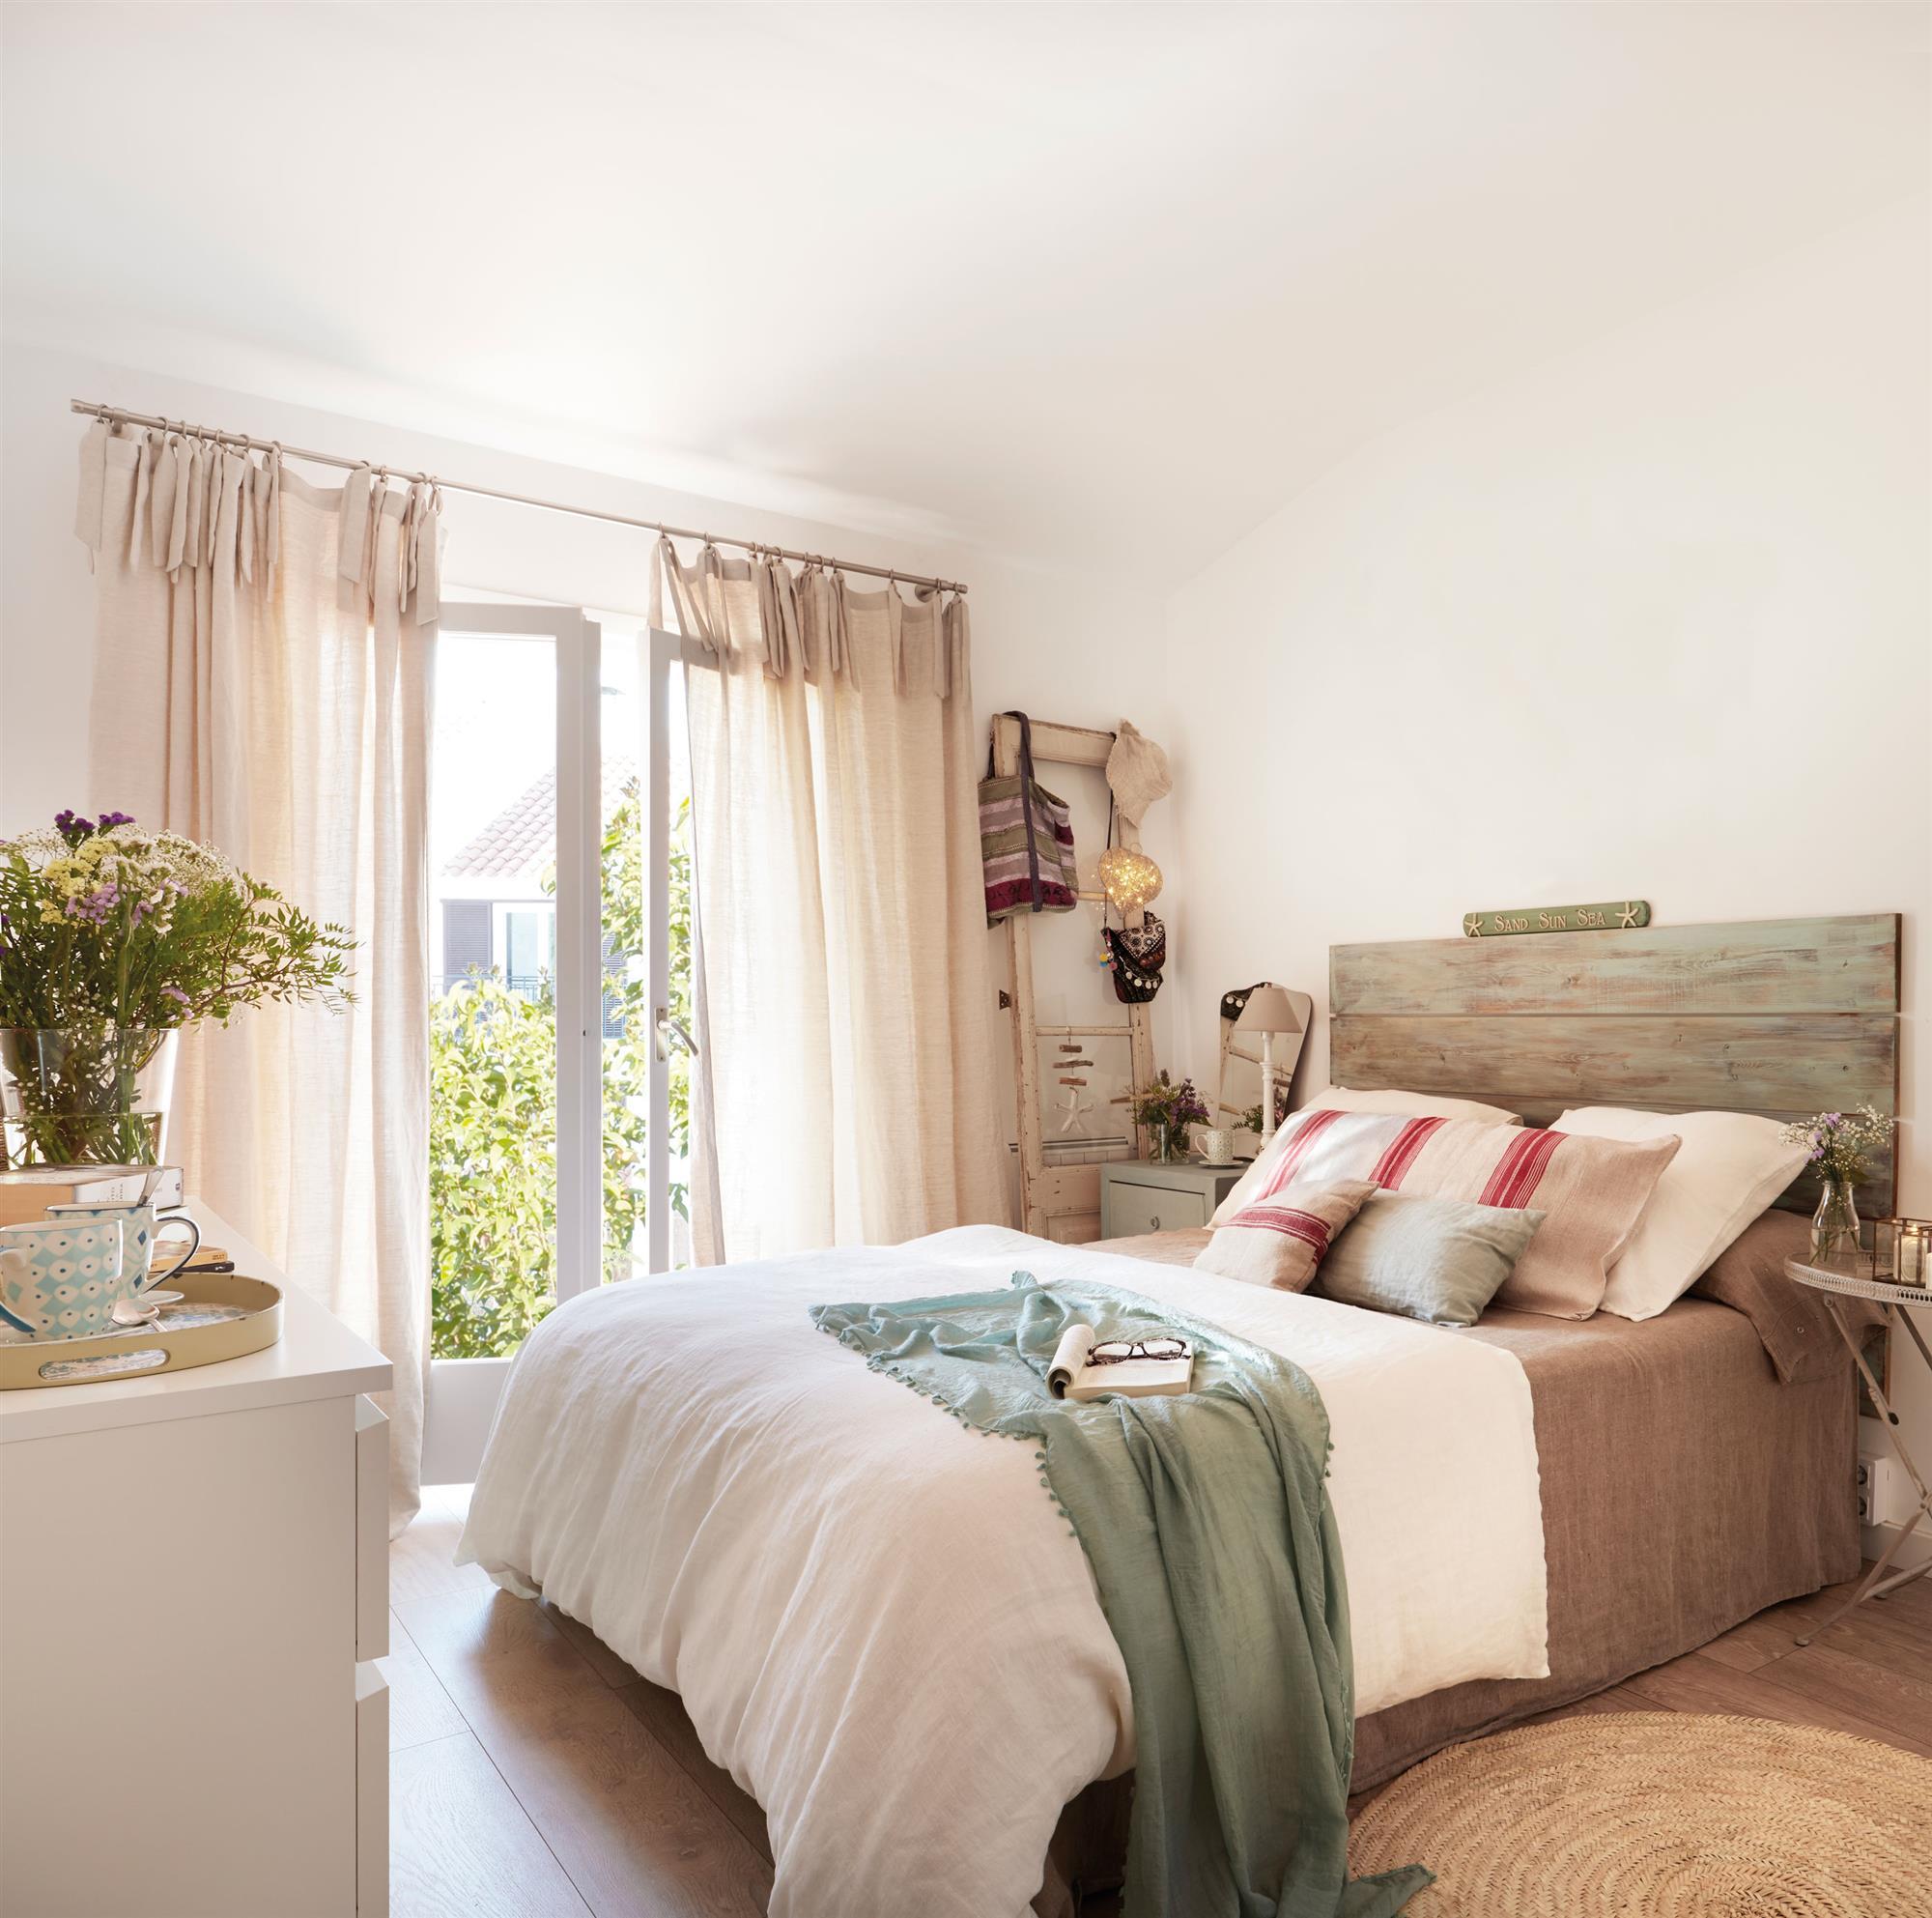 Cabeceros de cama de madera r sticos decorados o - Cabecero de cama de madera ...